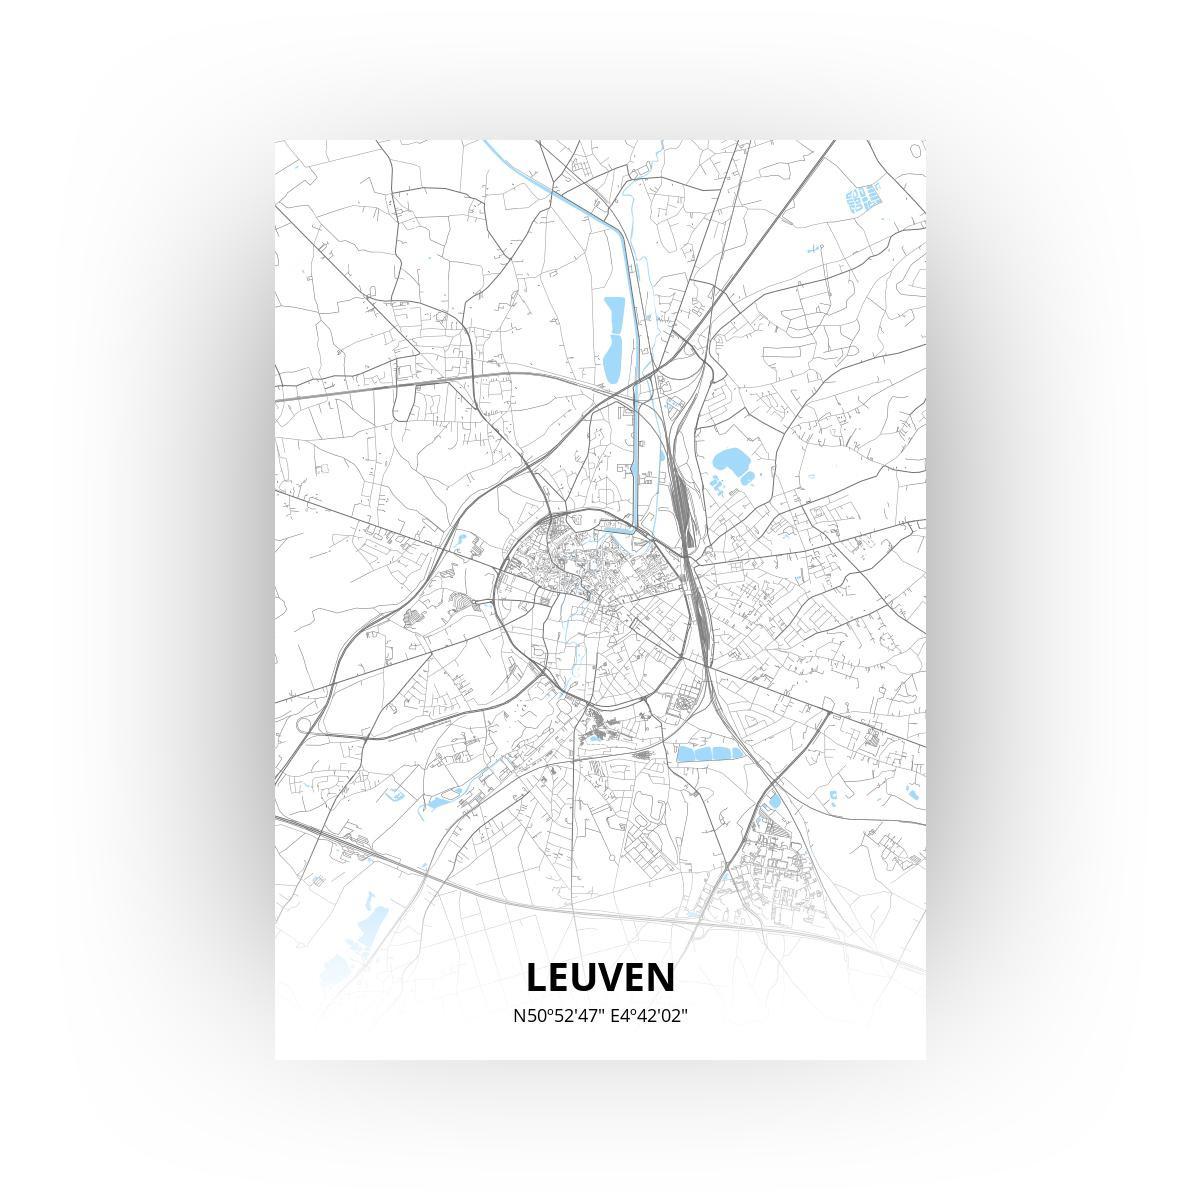 Leuven poster - Zelf aan te passen!